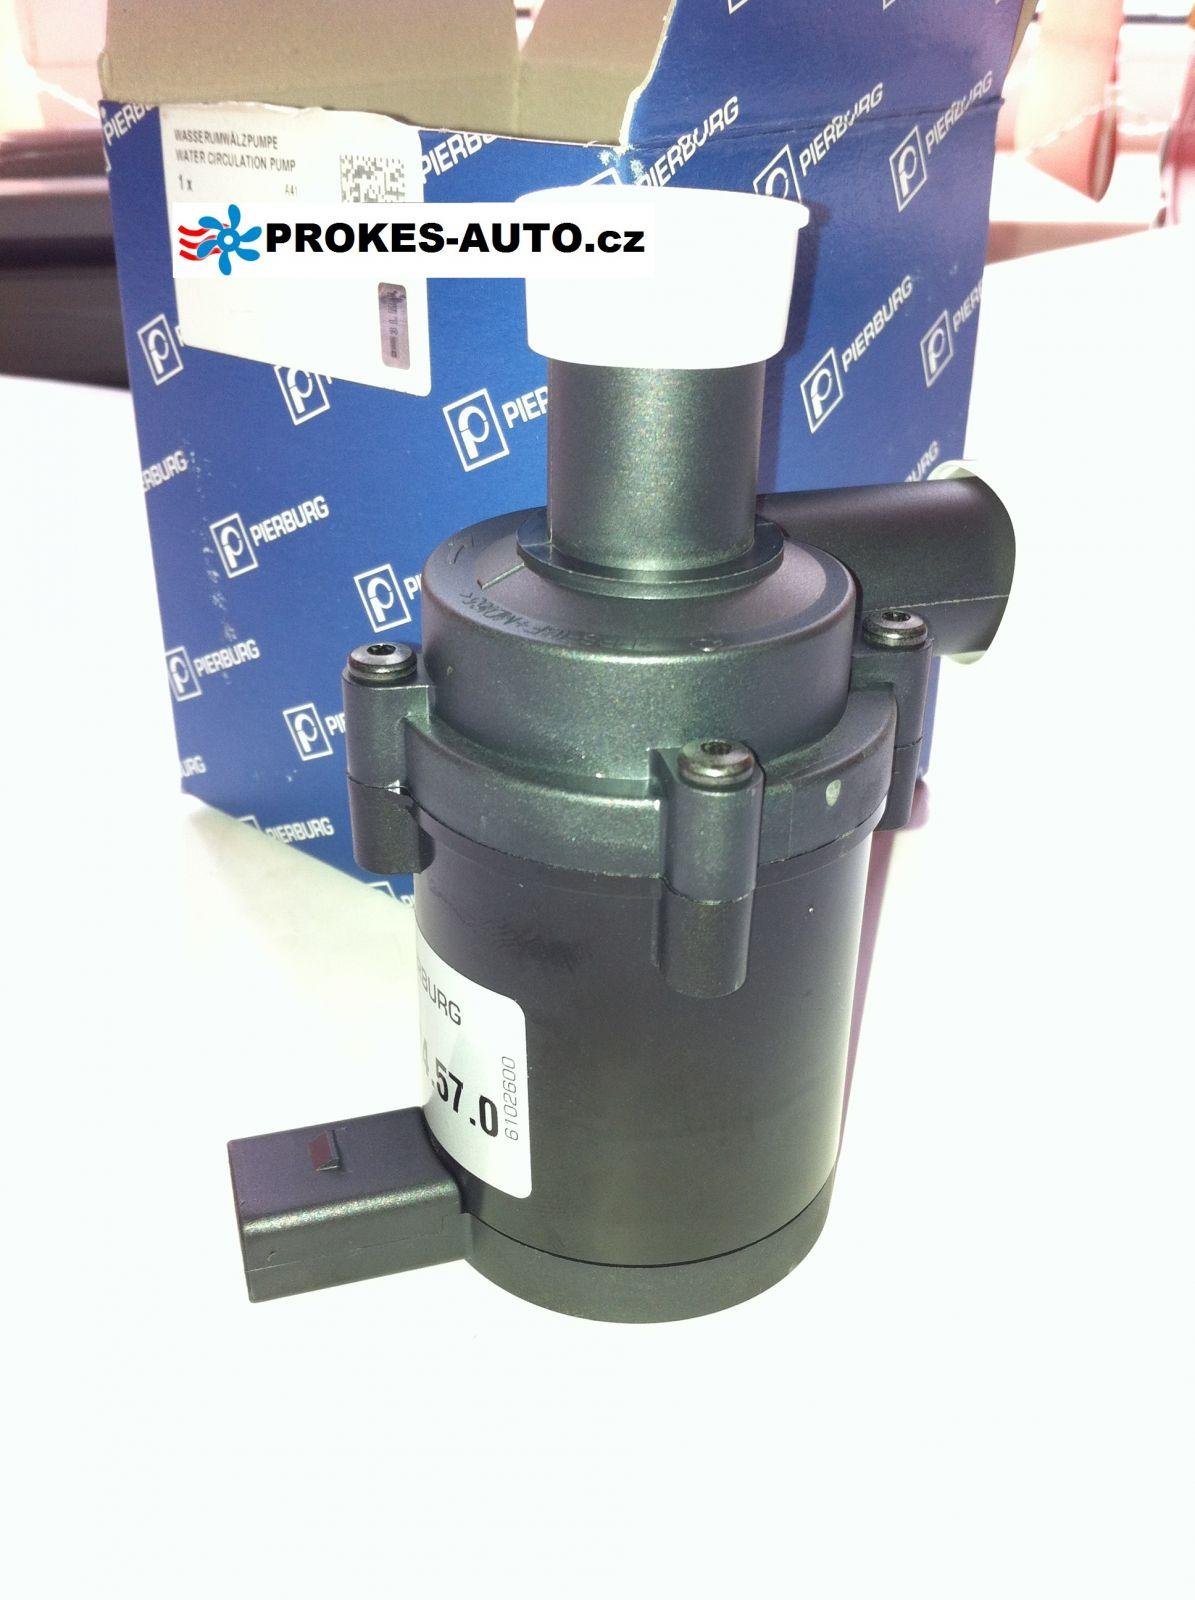 Vodné cirkulačné čerpadlo PIERBURG pre nezávislé kurenie VW 7H0965561 / 1K0965561B